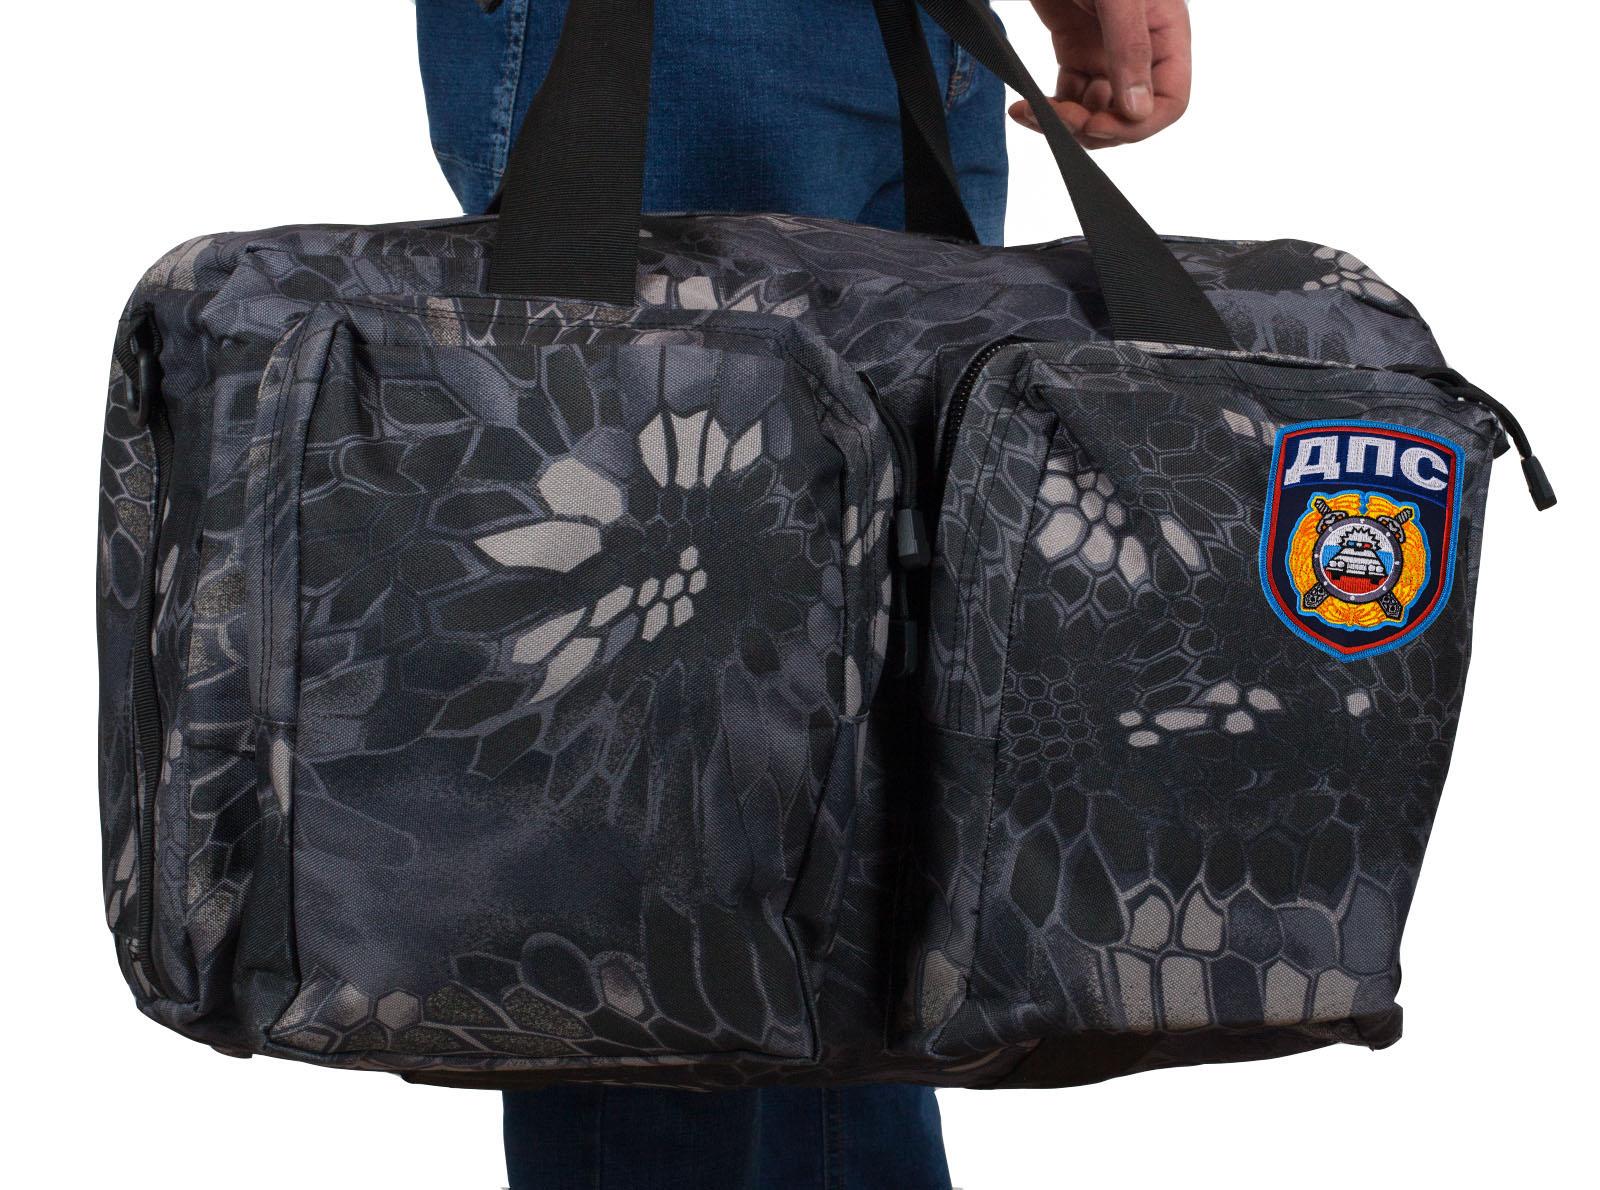 Походная надежная сумка с нашивкой ДПС - купить с доставкой